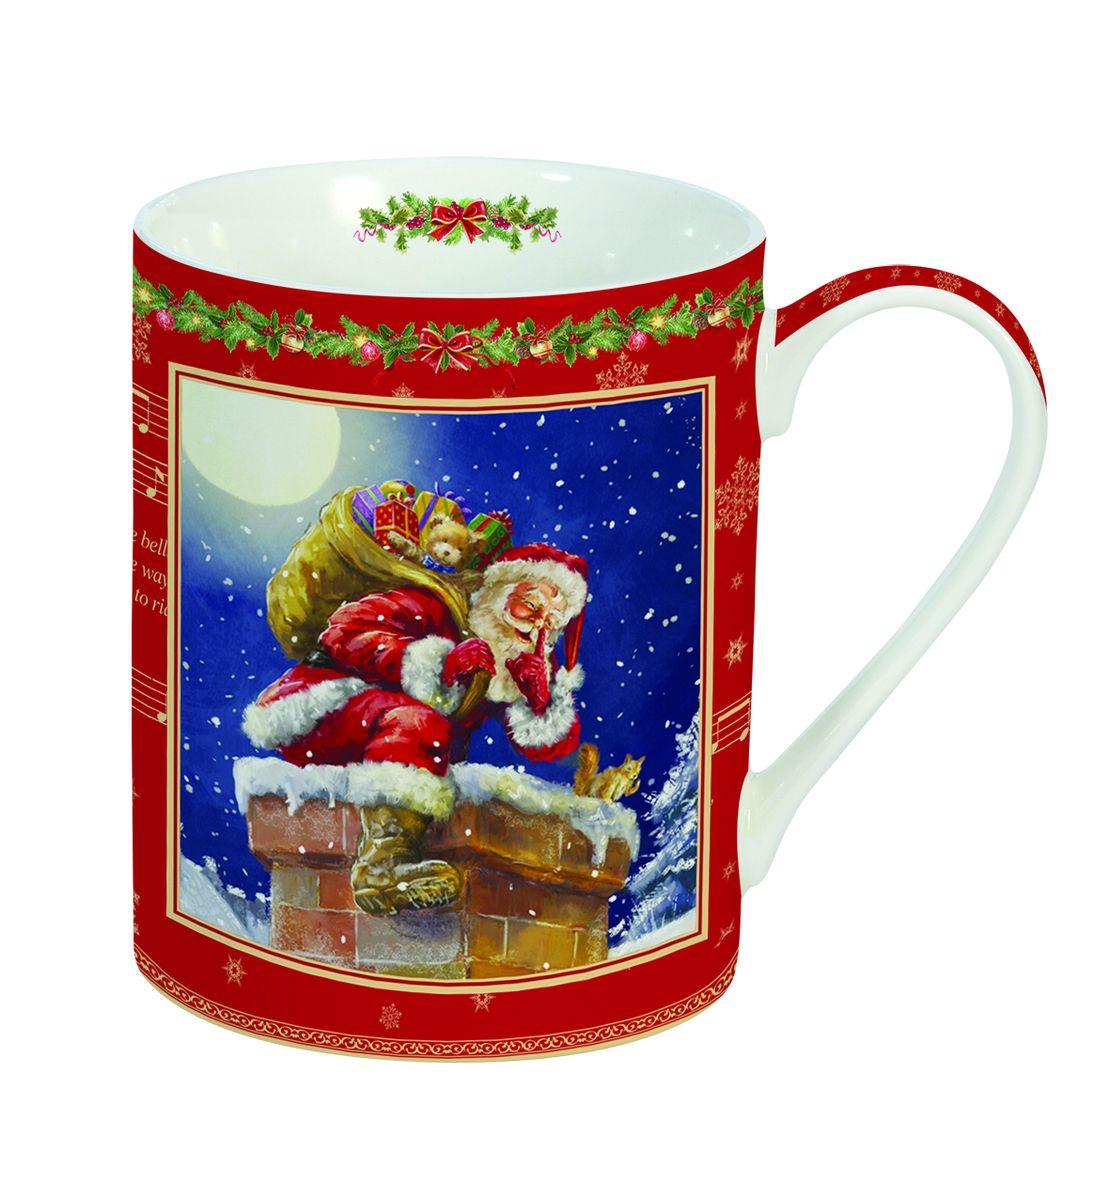 Кружка Nuova R2S Новогодние подарки, 300 мл214SILEКружка Nuova R2S Новогодние подарки изготовлена из высококачественного фарфора. Изделие оформлено ярким изображением Деда Мороза, сидящем на трубе крыши. Такая кружка - отличный вариант новогоднего подарка для ваших близких и друзей. Можно использовать в СВЧ и мыть в посудомоечной машине. Диаметр (по верхнему краю): 7,5 см.